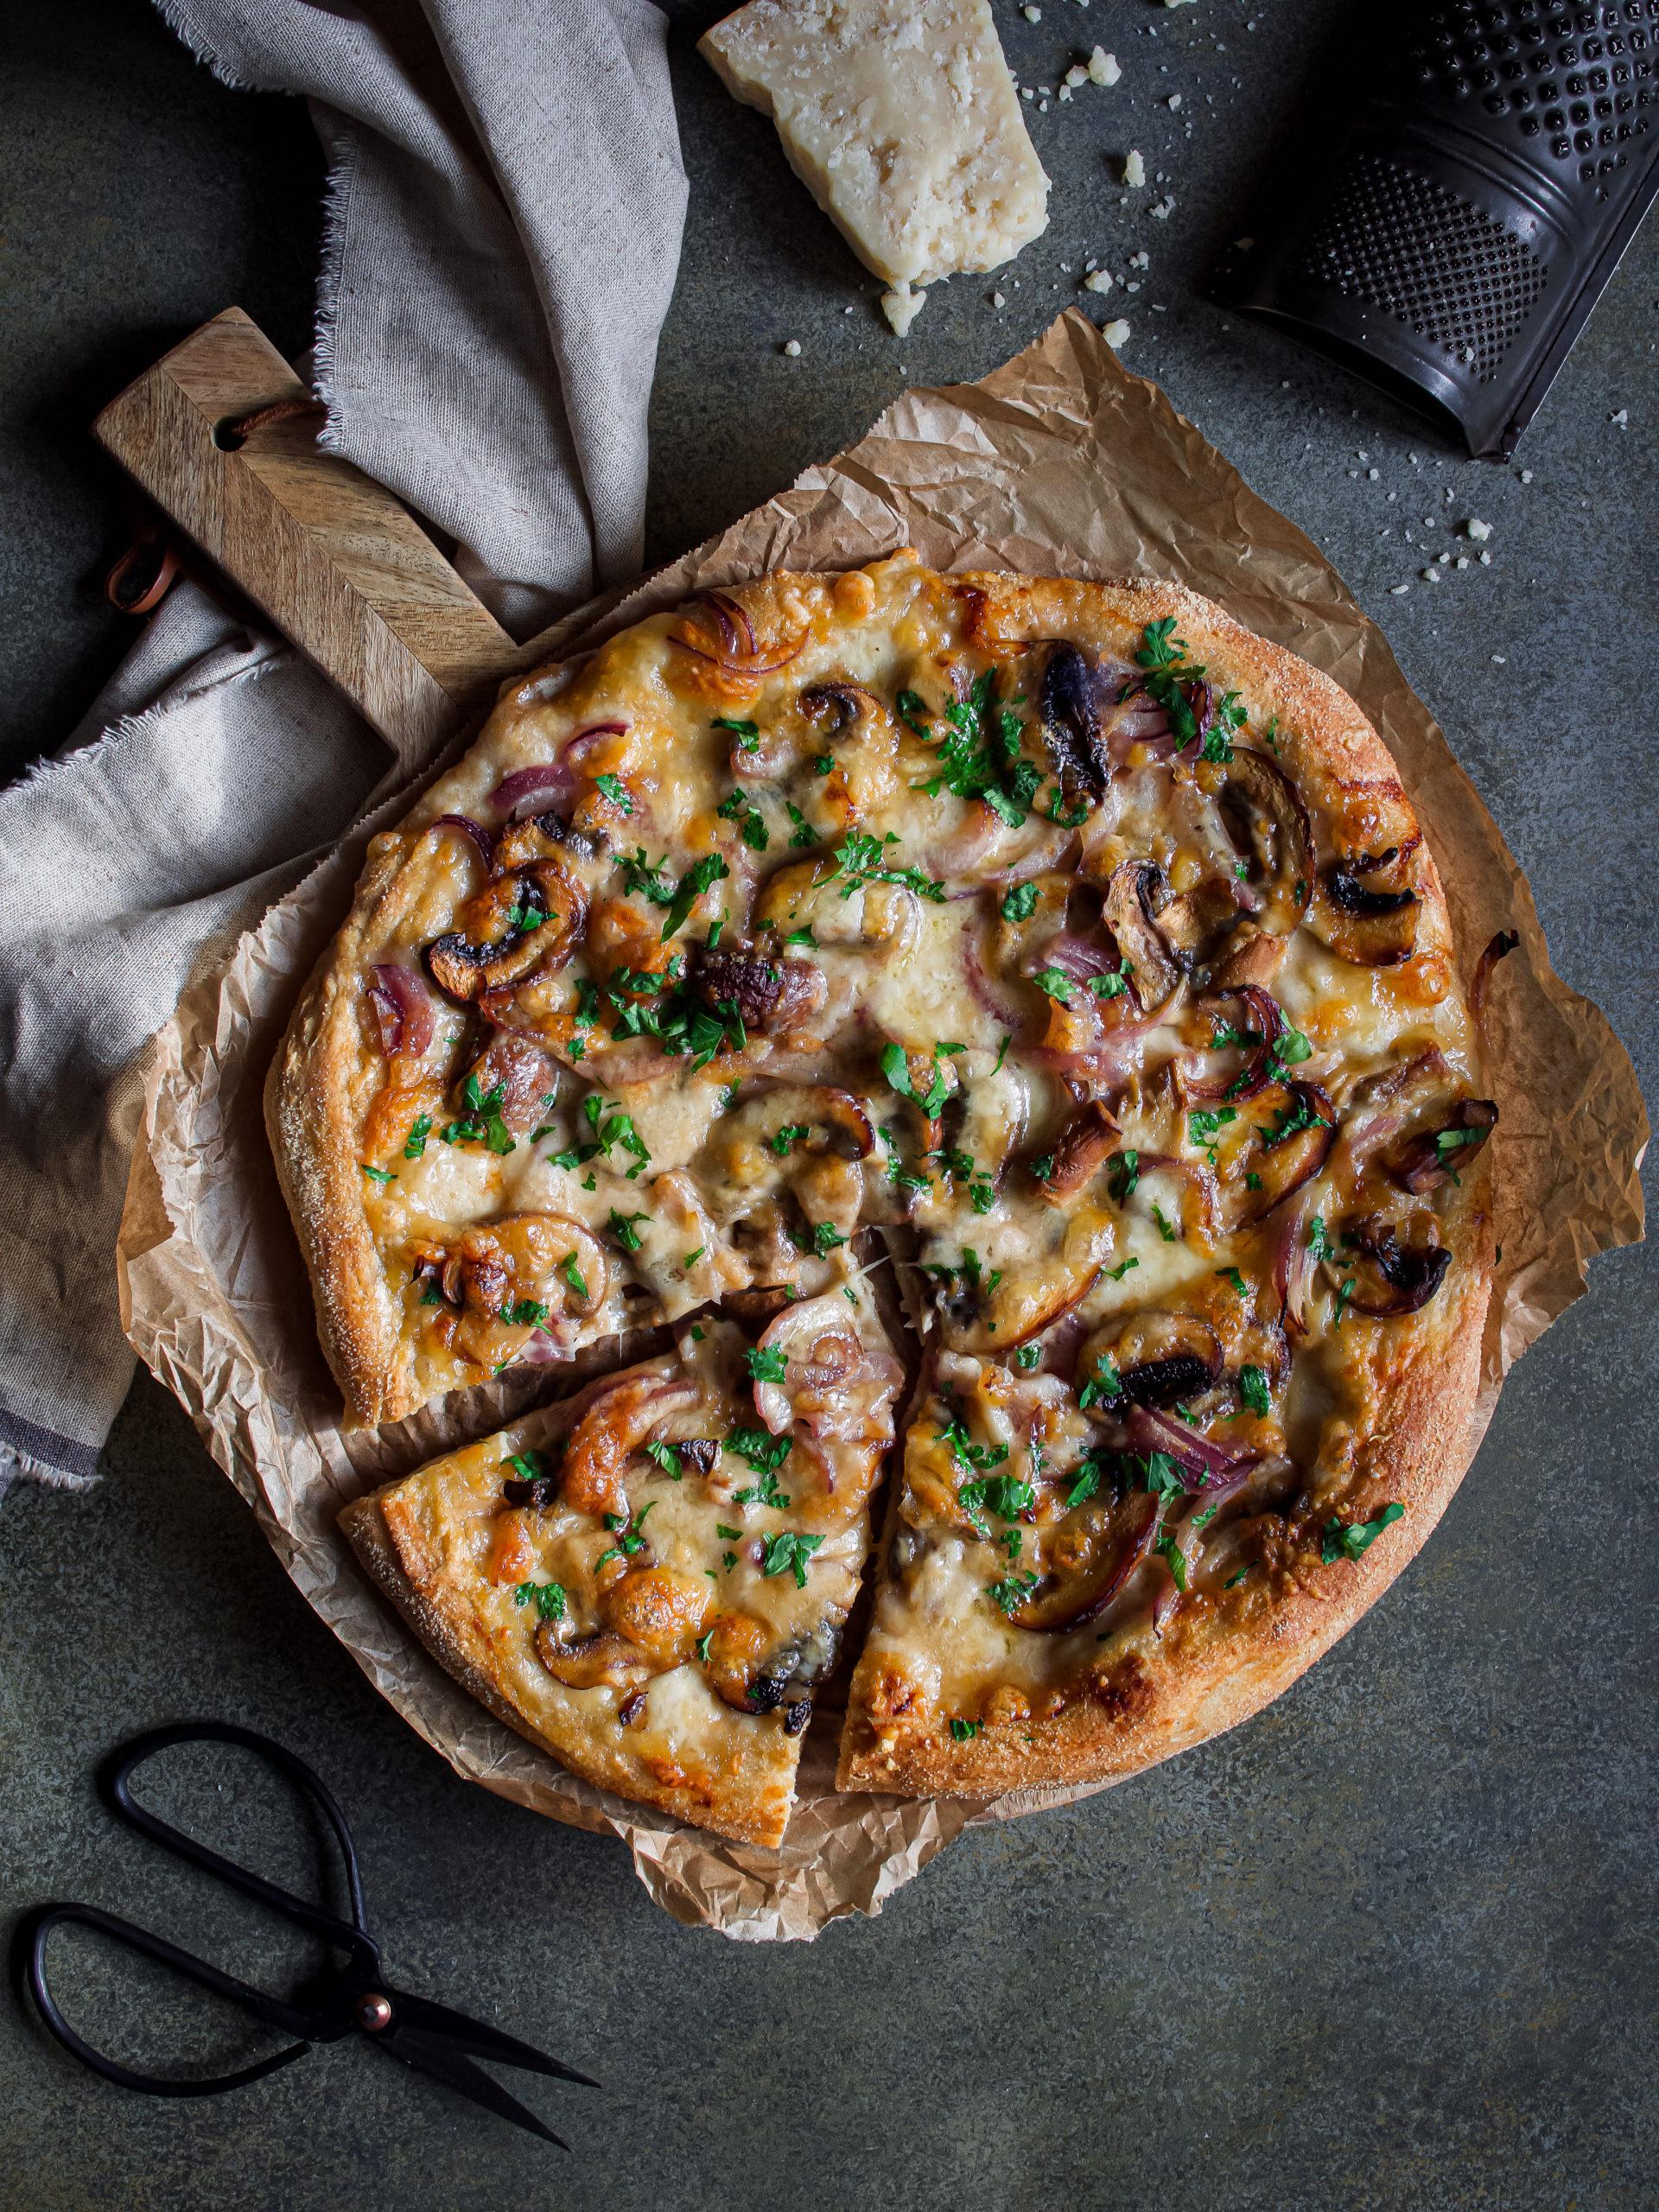 photo d'une pizza aux trois fromages avec des champignons et oignons caramélisés